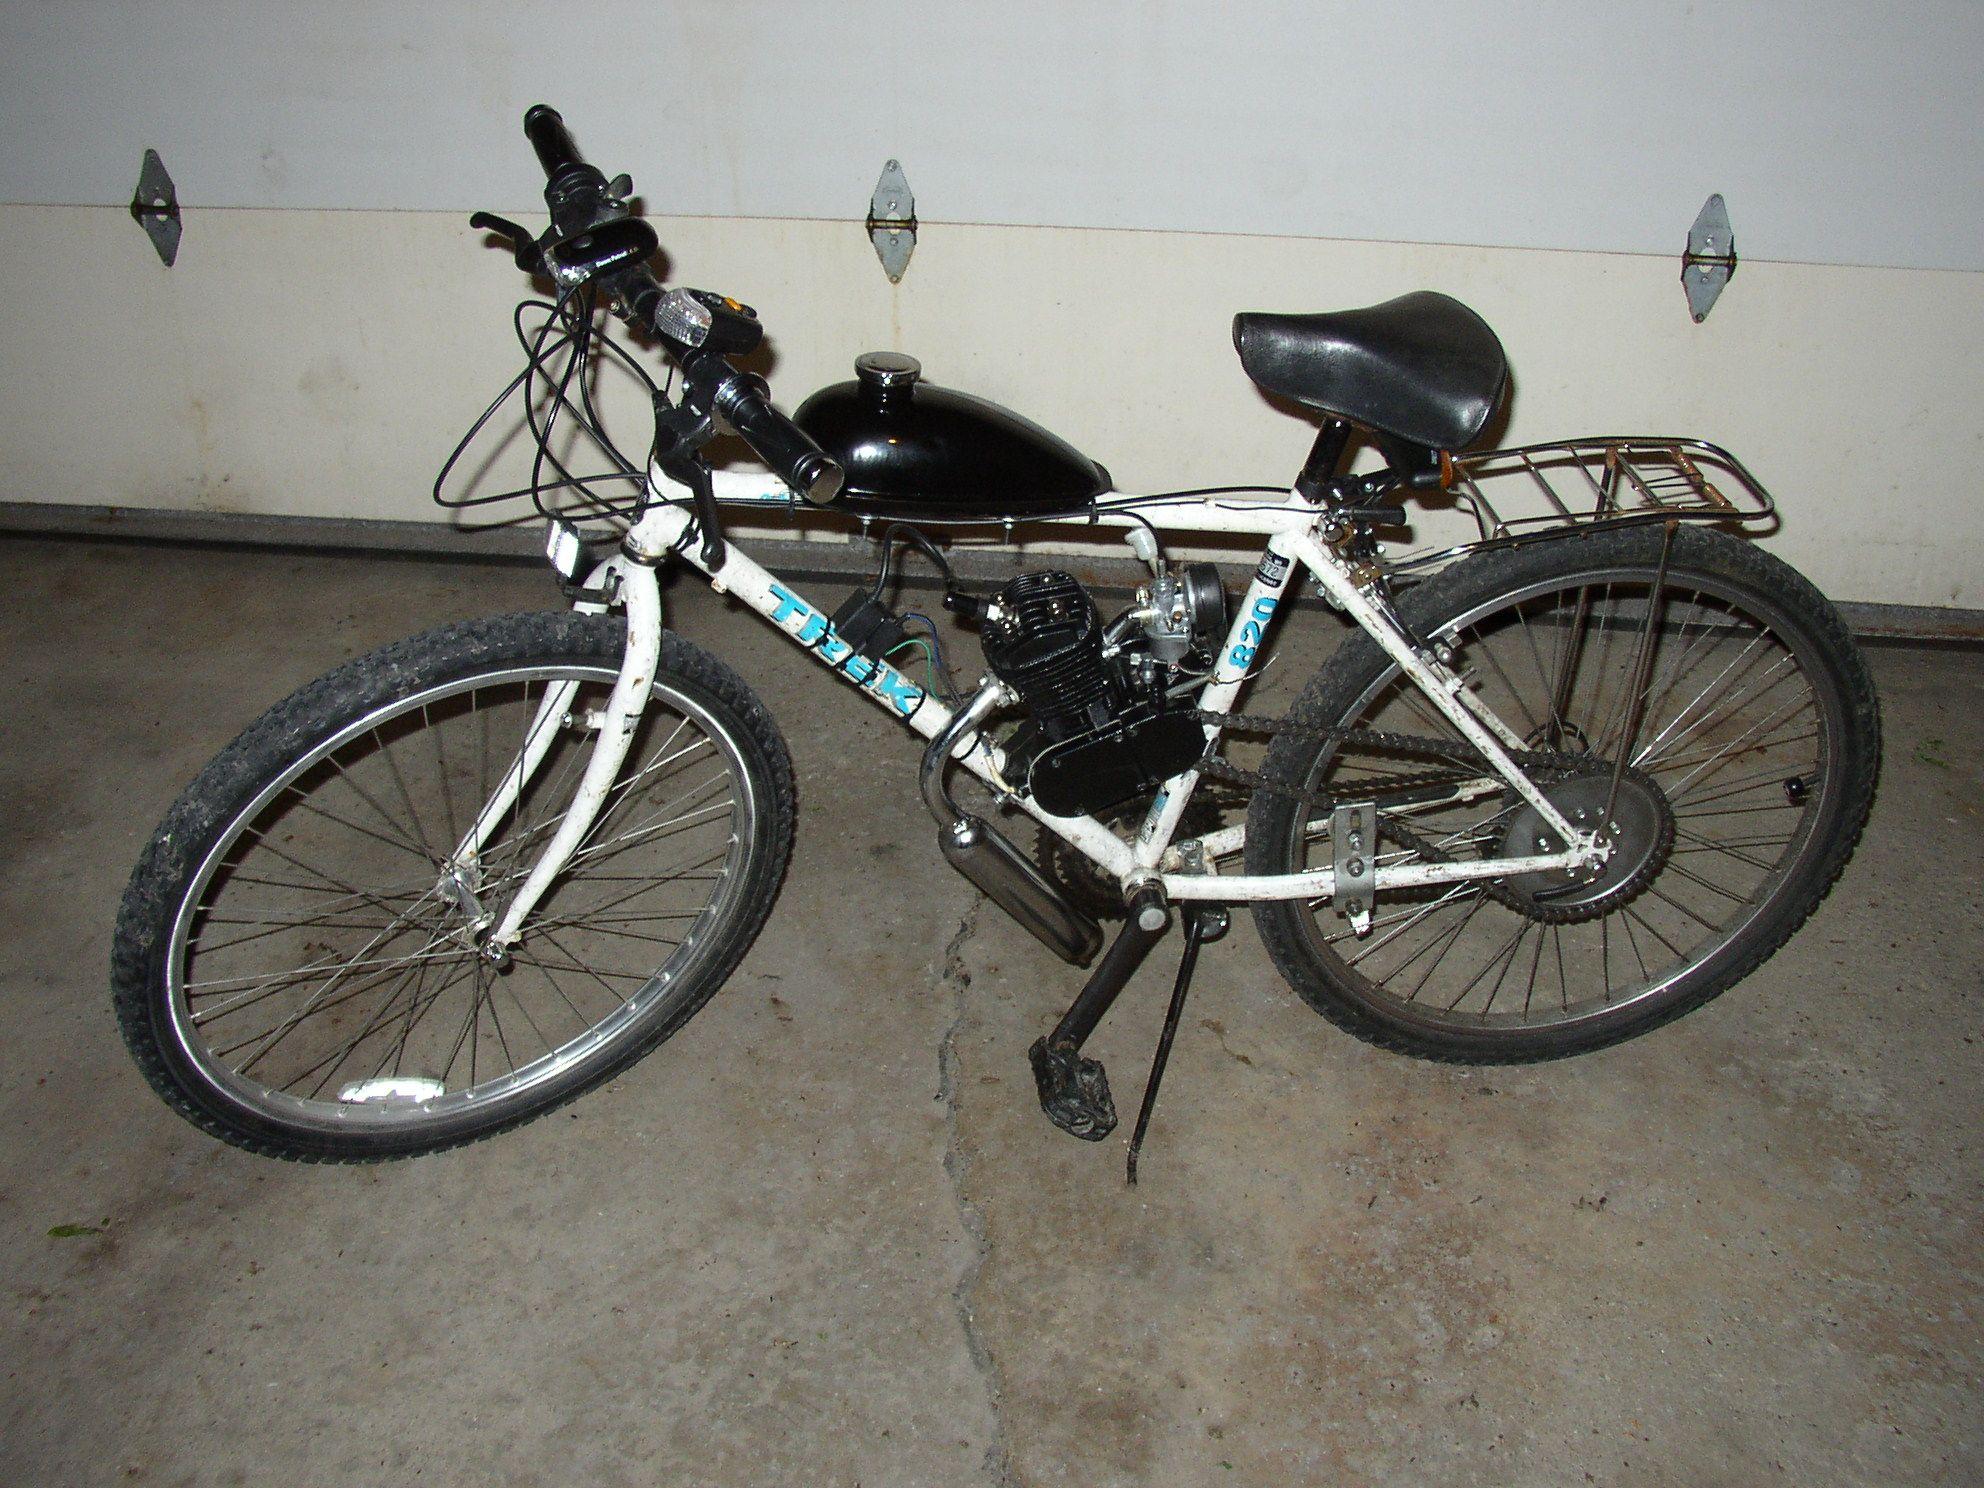 10e6ec0c183 2011 Motorized Bicycle Build - TREK Antelope 820 Mountain Bike (After  Motorized Bicycle Kit)